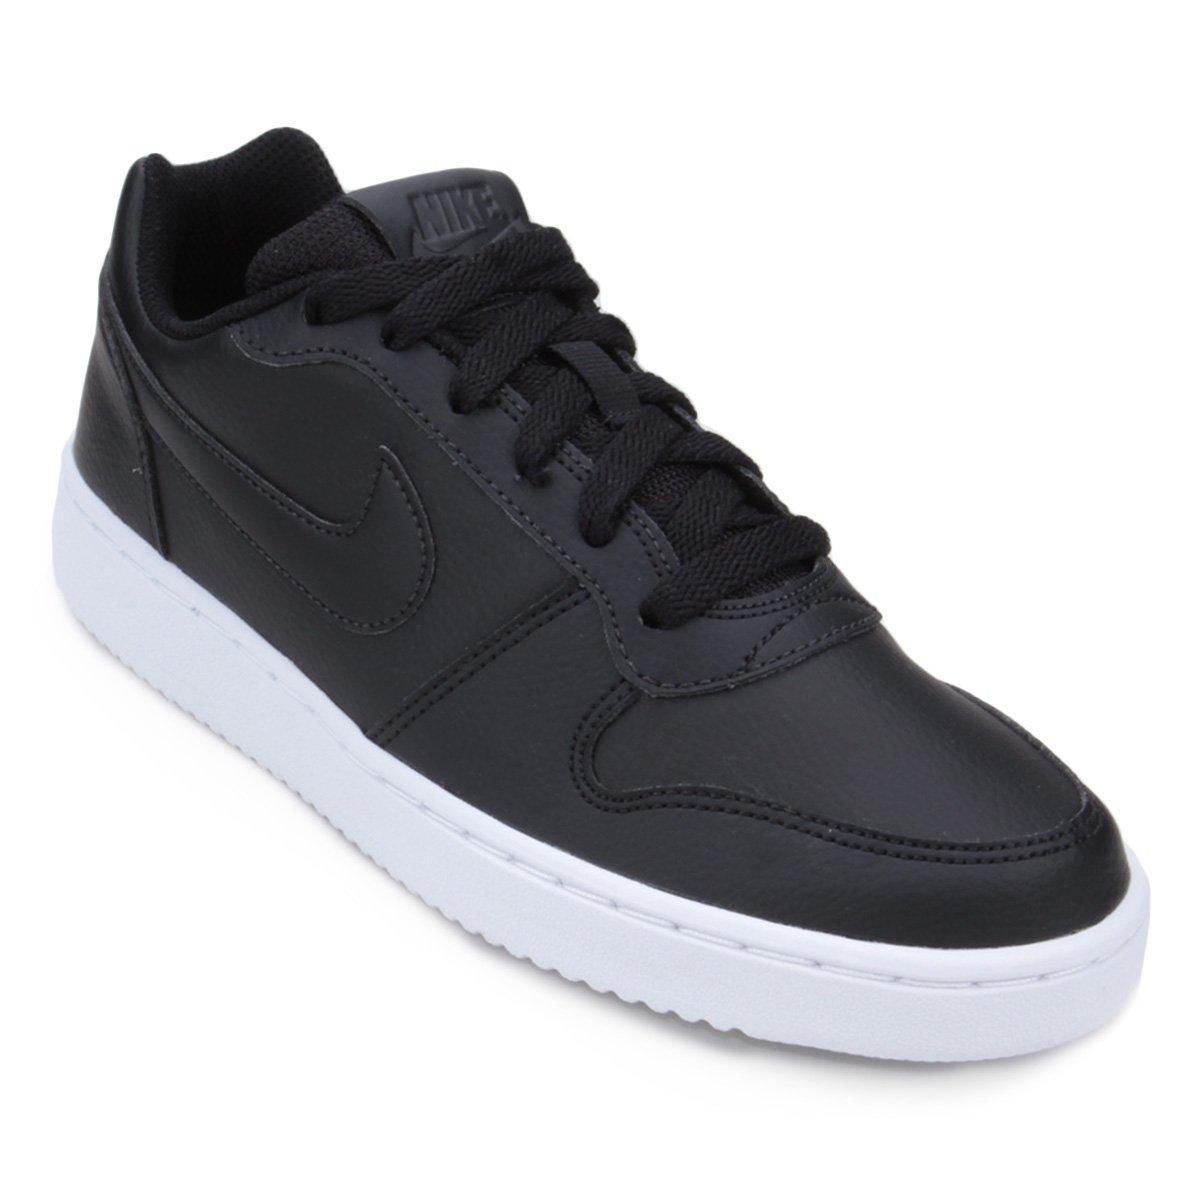 Tênis Nike Ebernon Low Feminino - Preto - Compre Agora  df2b1390884a9